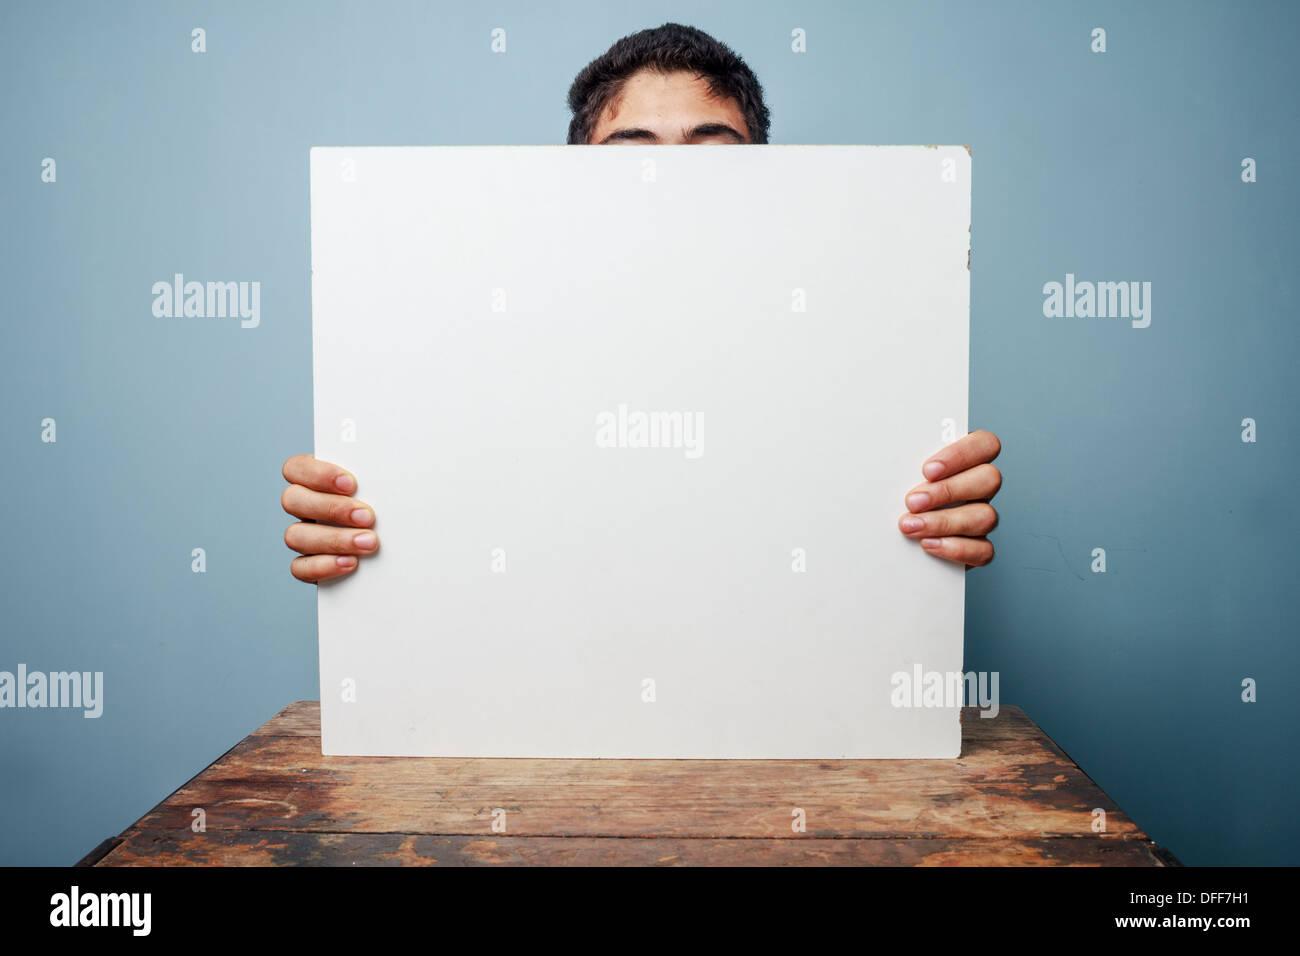 Junger Mann sitzt an einem Tisch und einem leeren weißen Namensschild, nur die Spitze des Kopfes sichtbar Stockbild